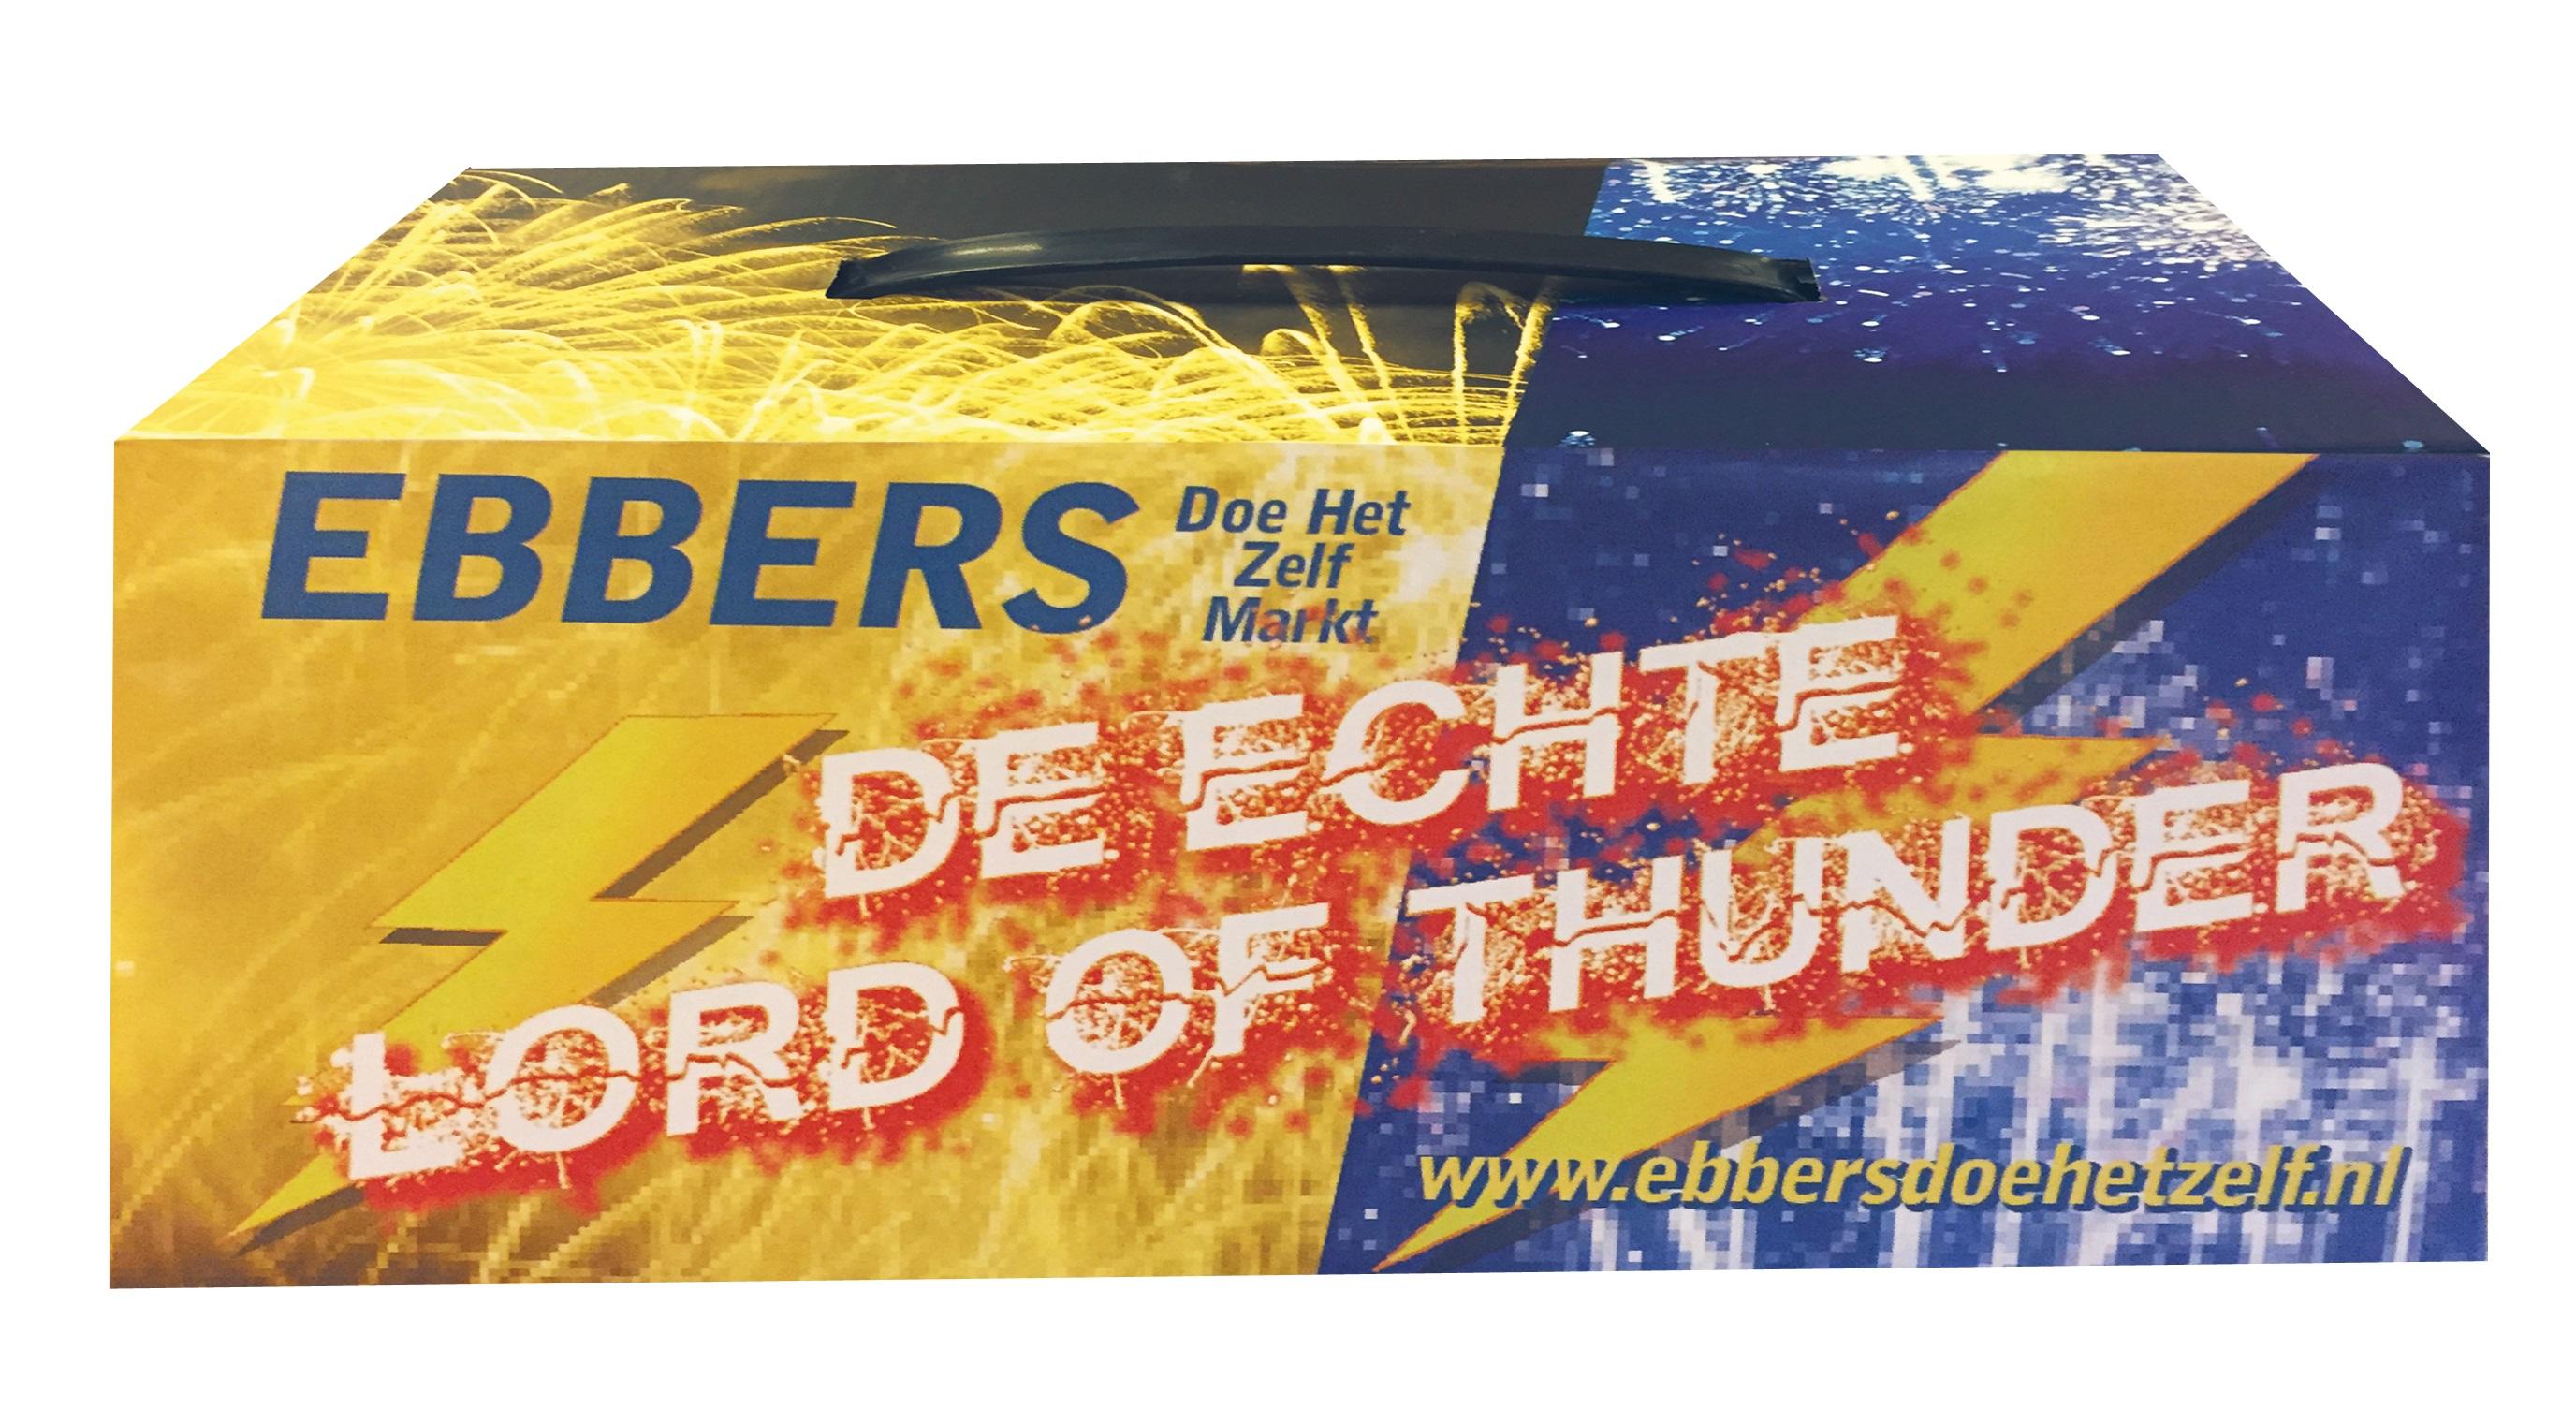 Ebbers Lord of thunder voordeeldoos